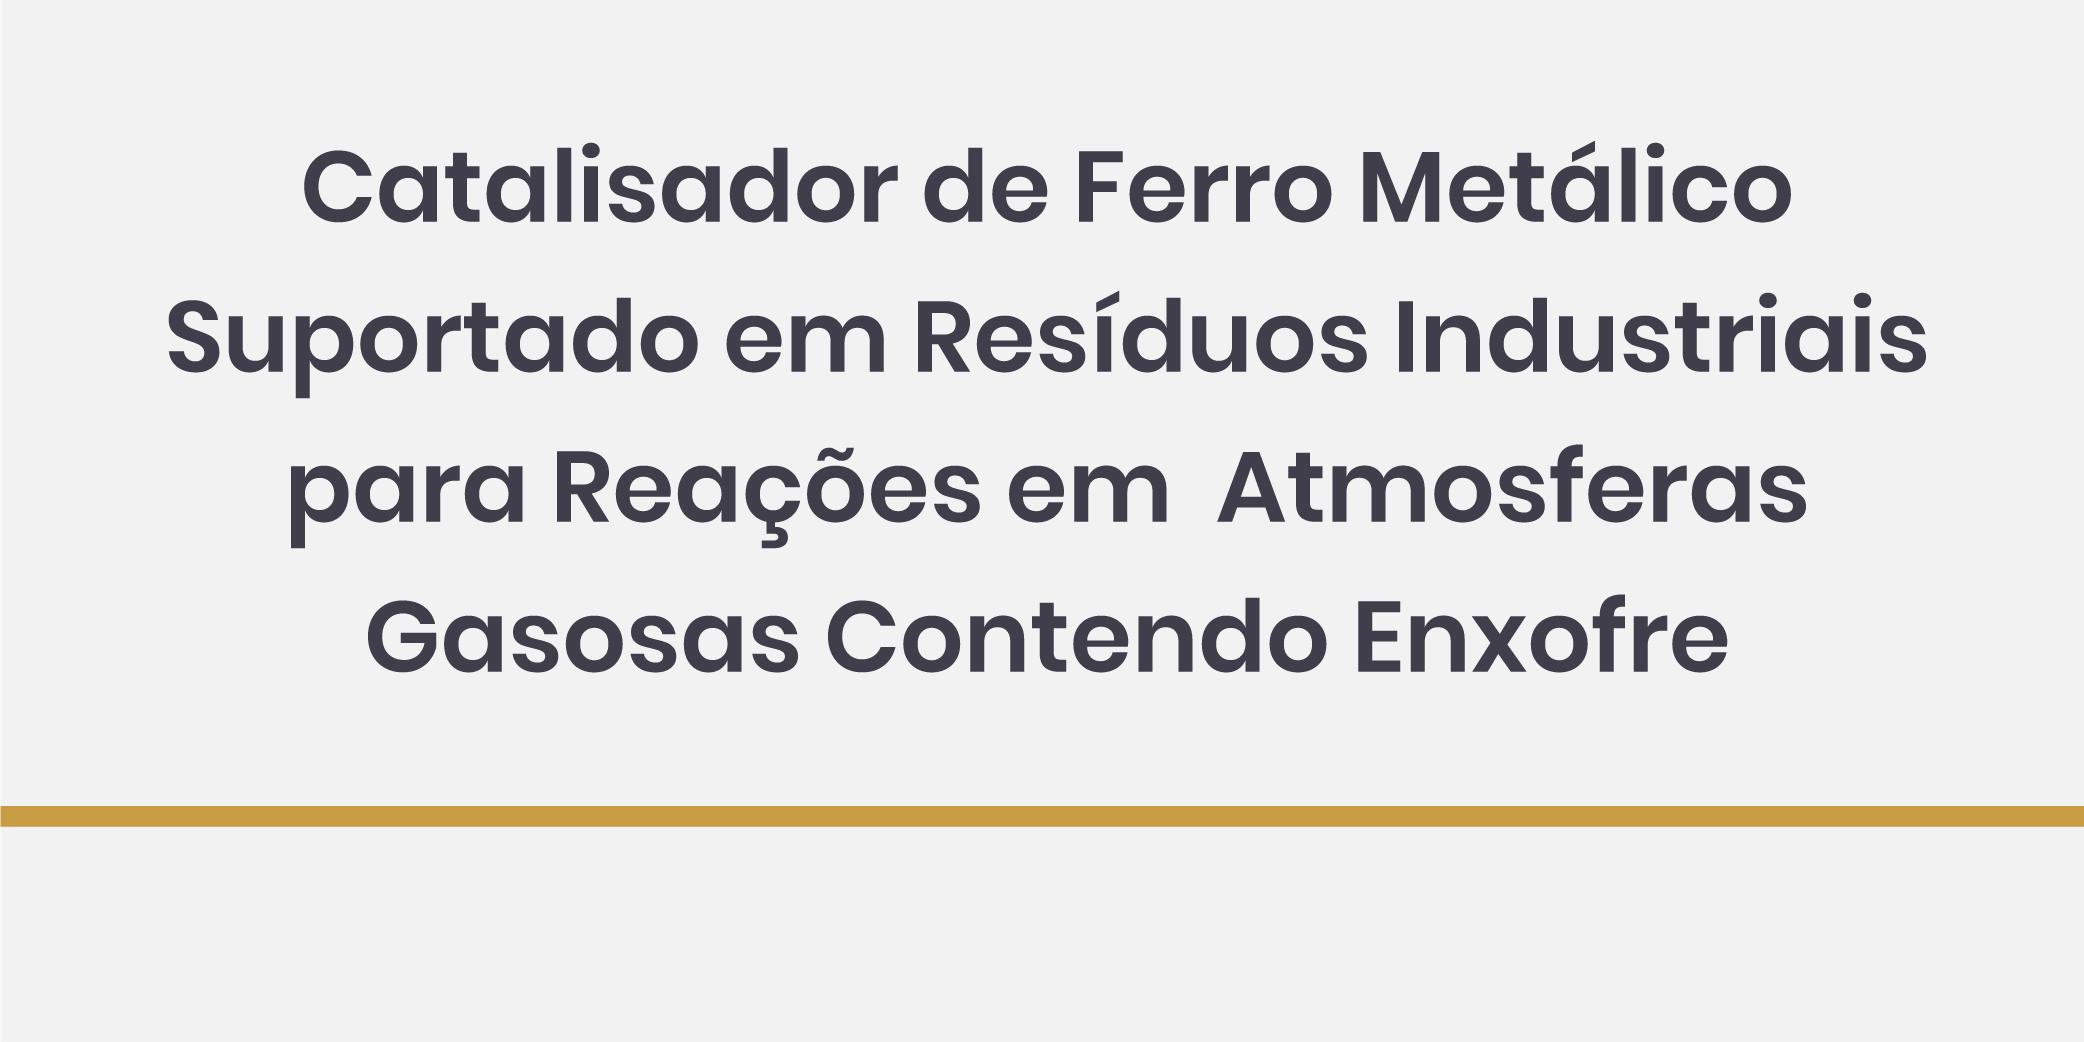 Catalisador de Ferro Metálico Suportado em Resíduos Industriais para Reações em Atmosferas Gasosas contendo Enxofre